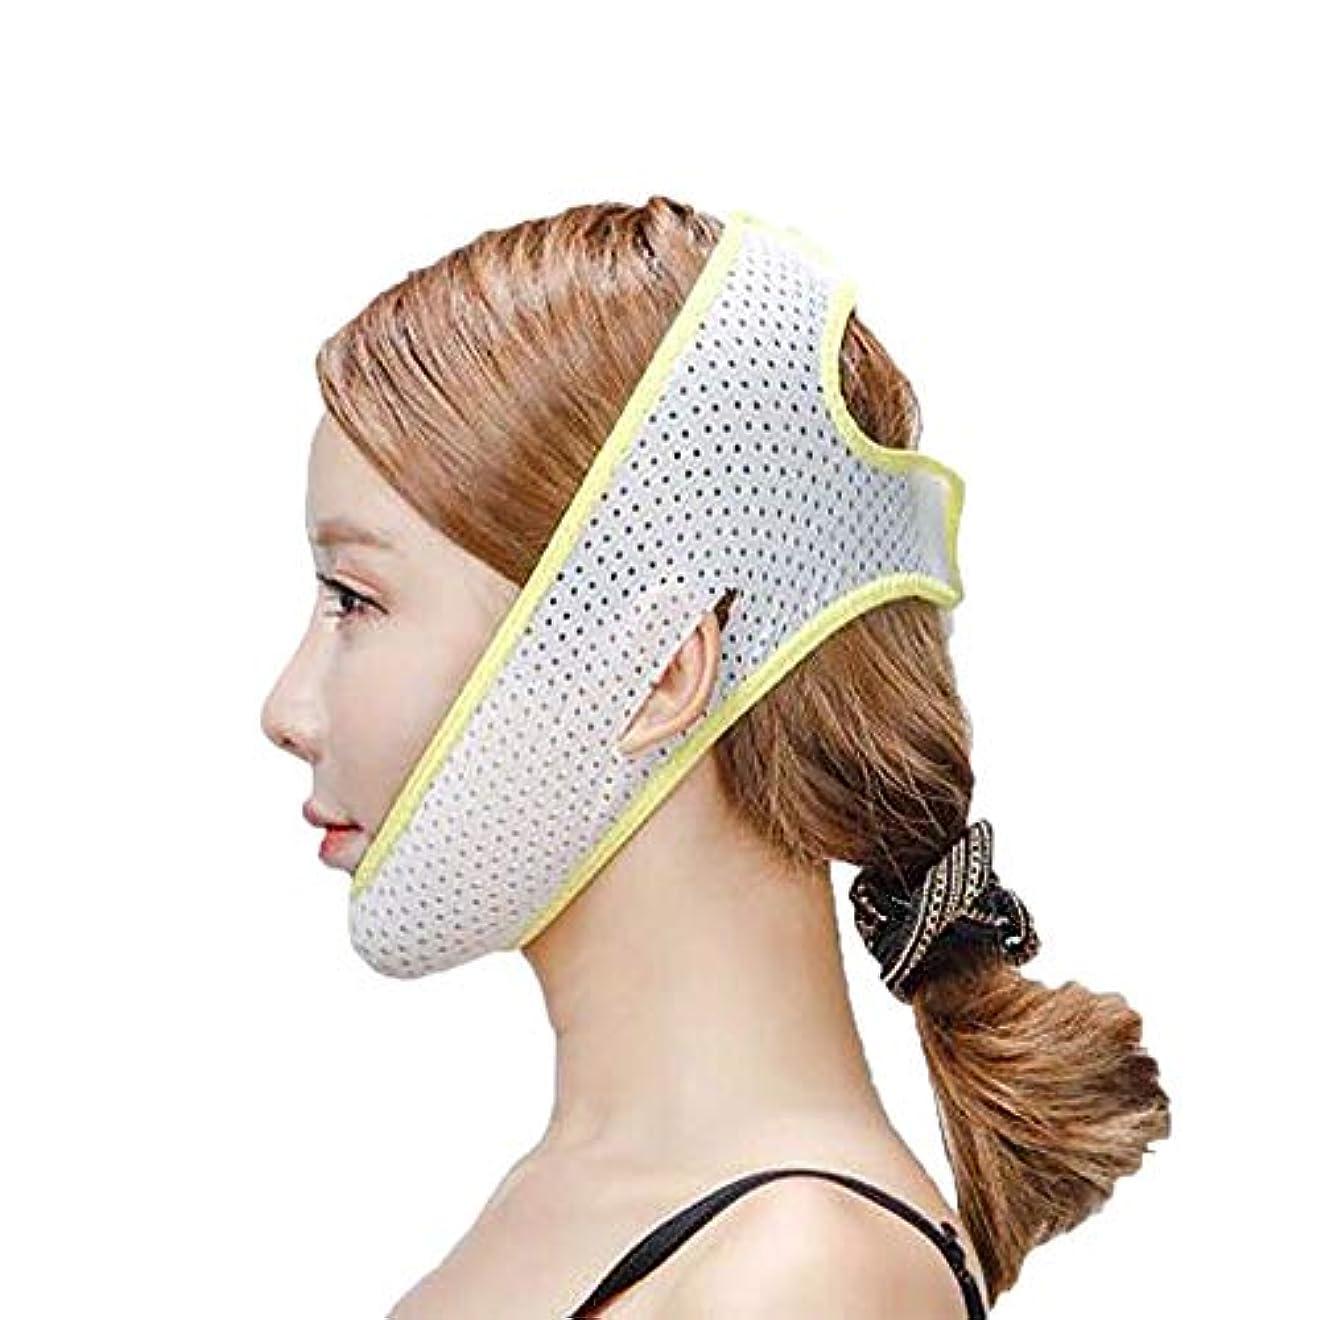 故障ケーブルカー座標フェイスリフトマスク、ダブルチンストラップ、フェイシャル減量マスク、フェイシャルダブルチンケアスリミングマスク、リンクルマスク(フリーサイズ) (Color : Yellow)